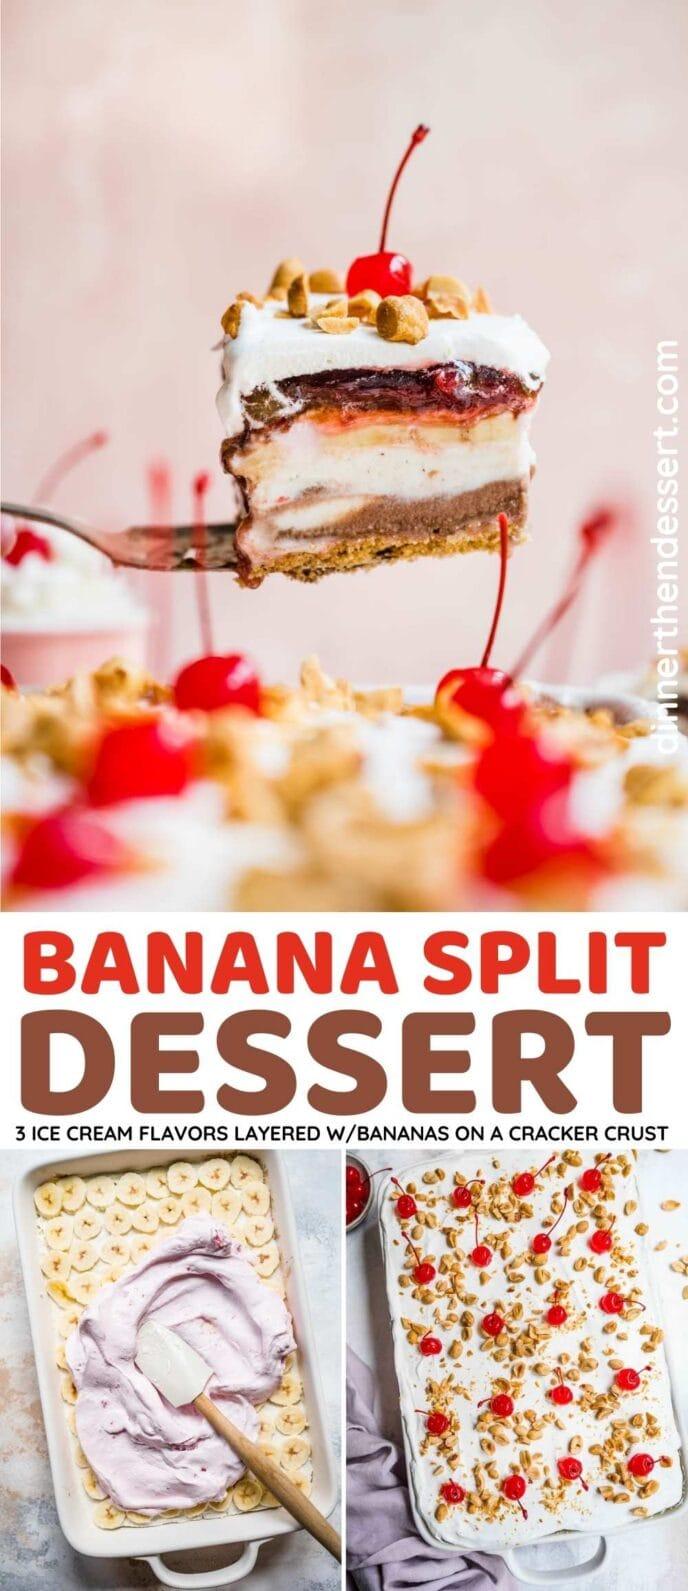 No-Bake Banana Split Dessert Collage